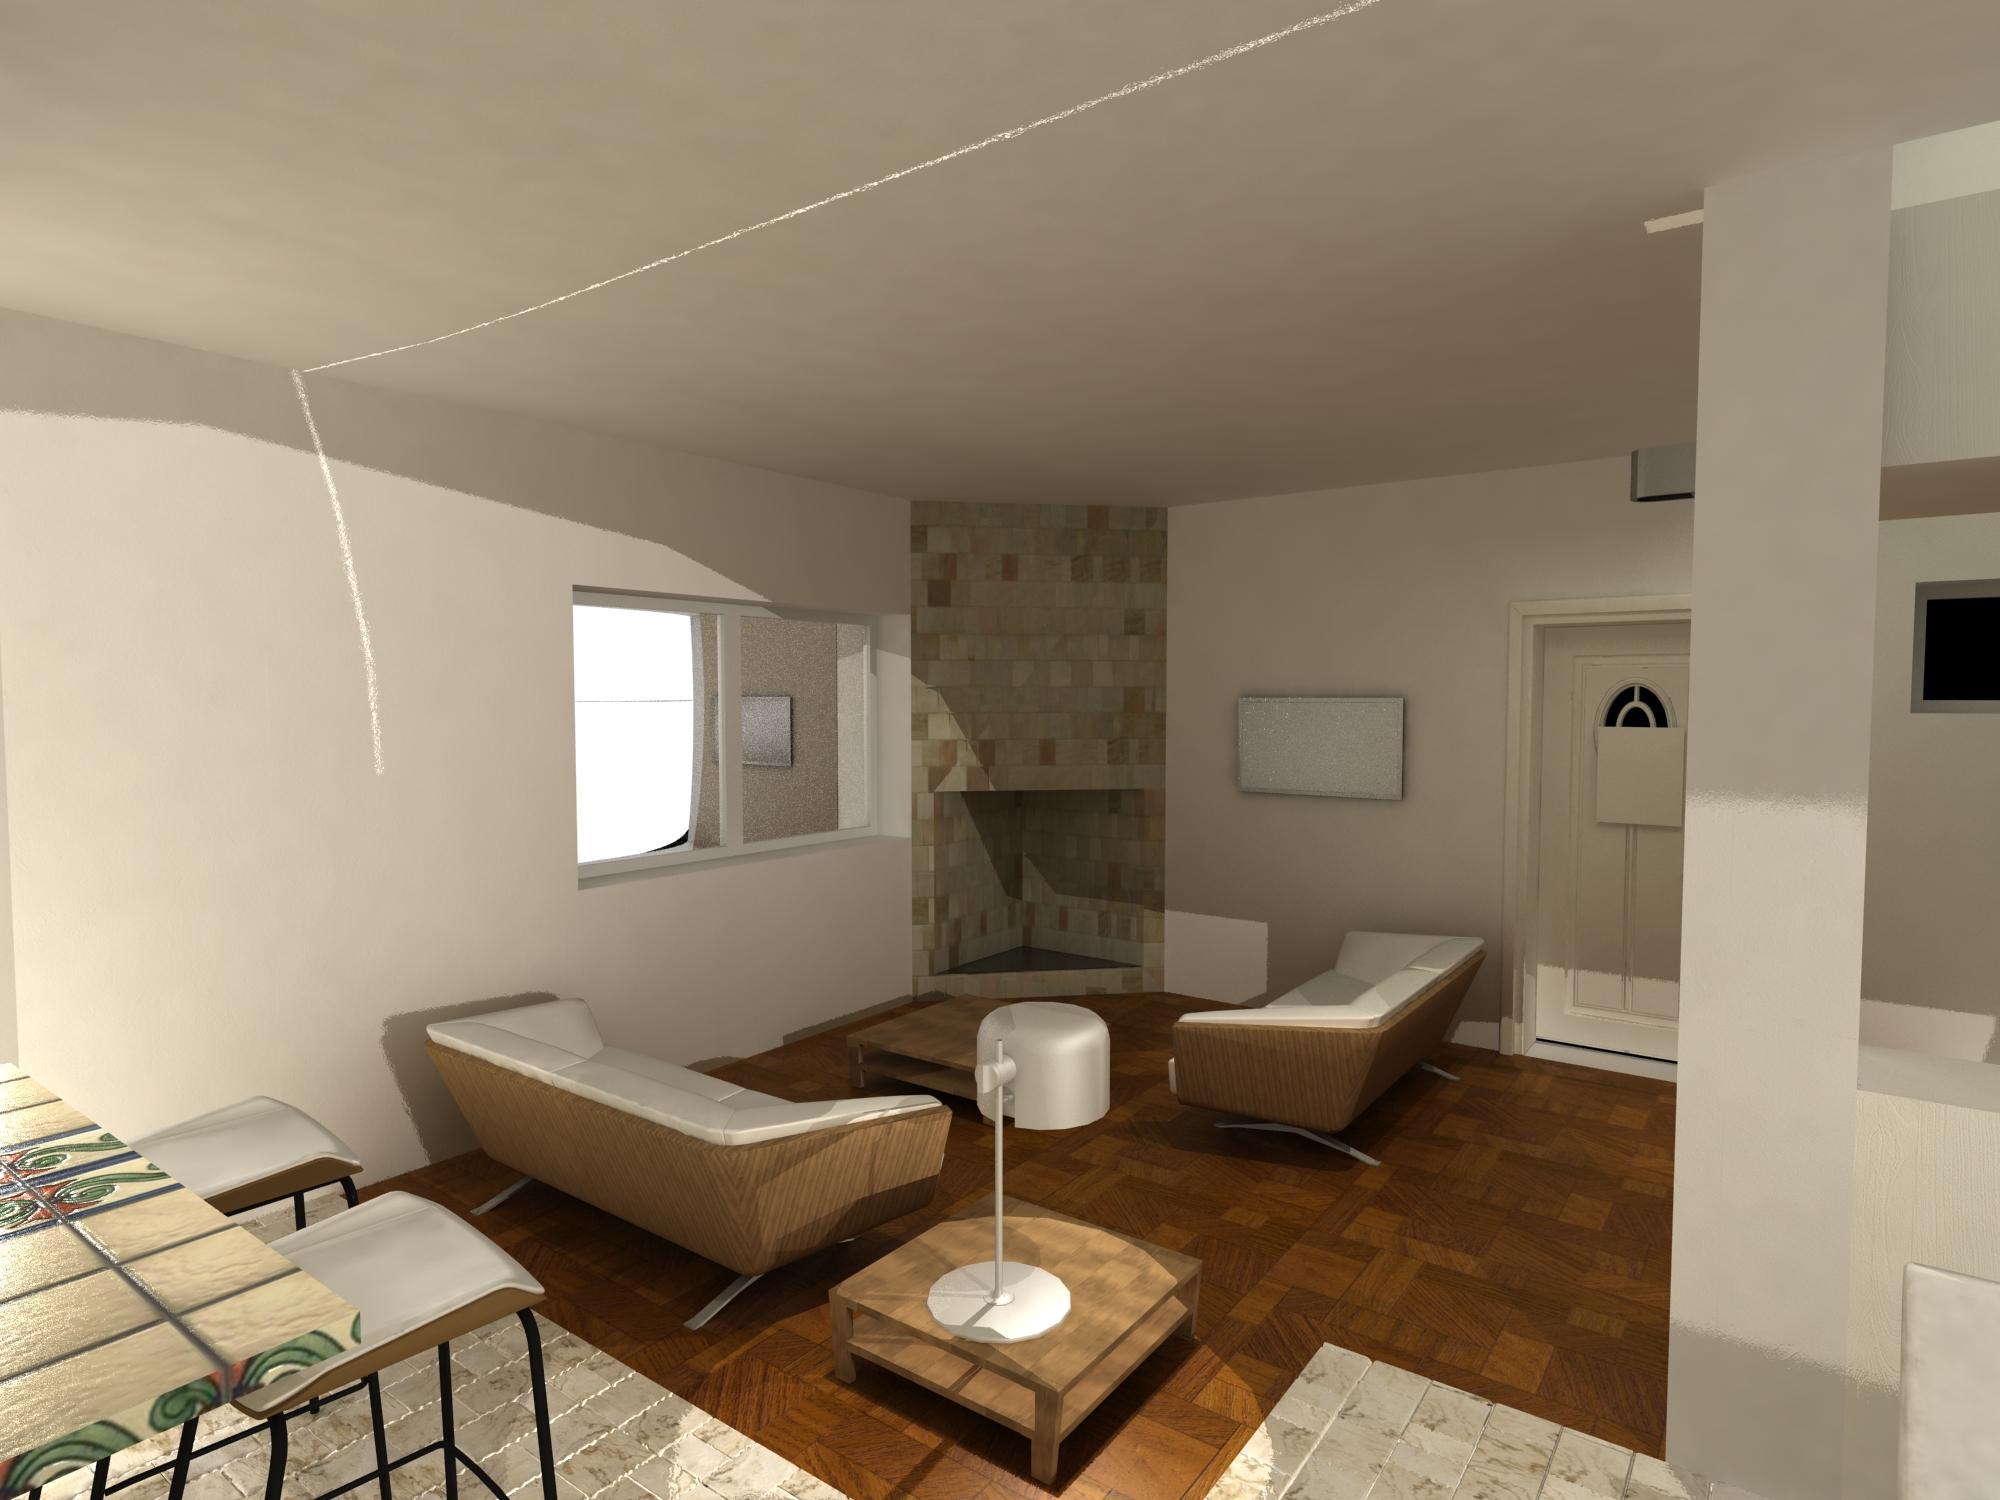 Ampliación vivienda Torredembarra